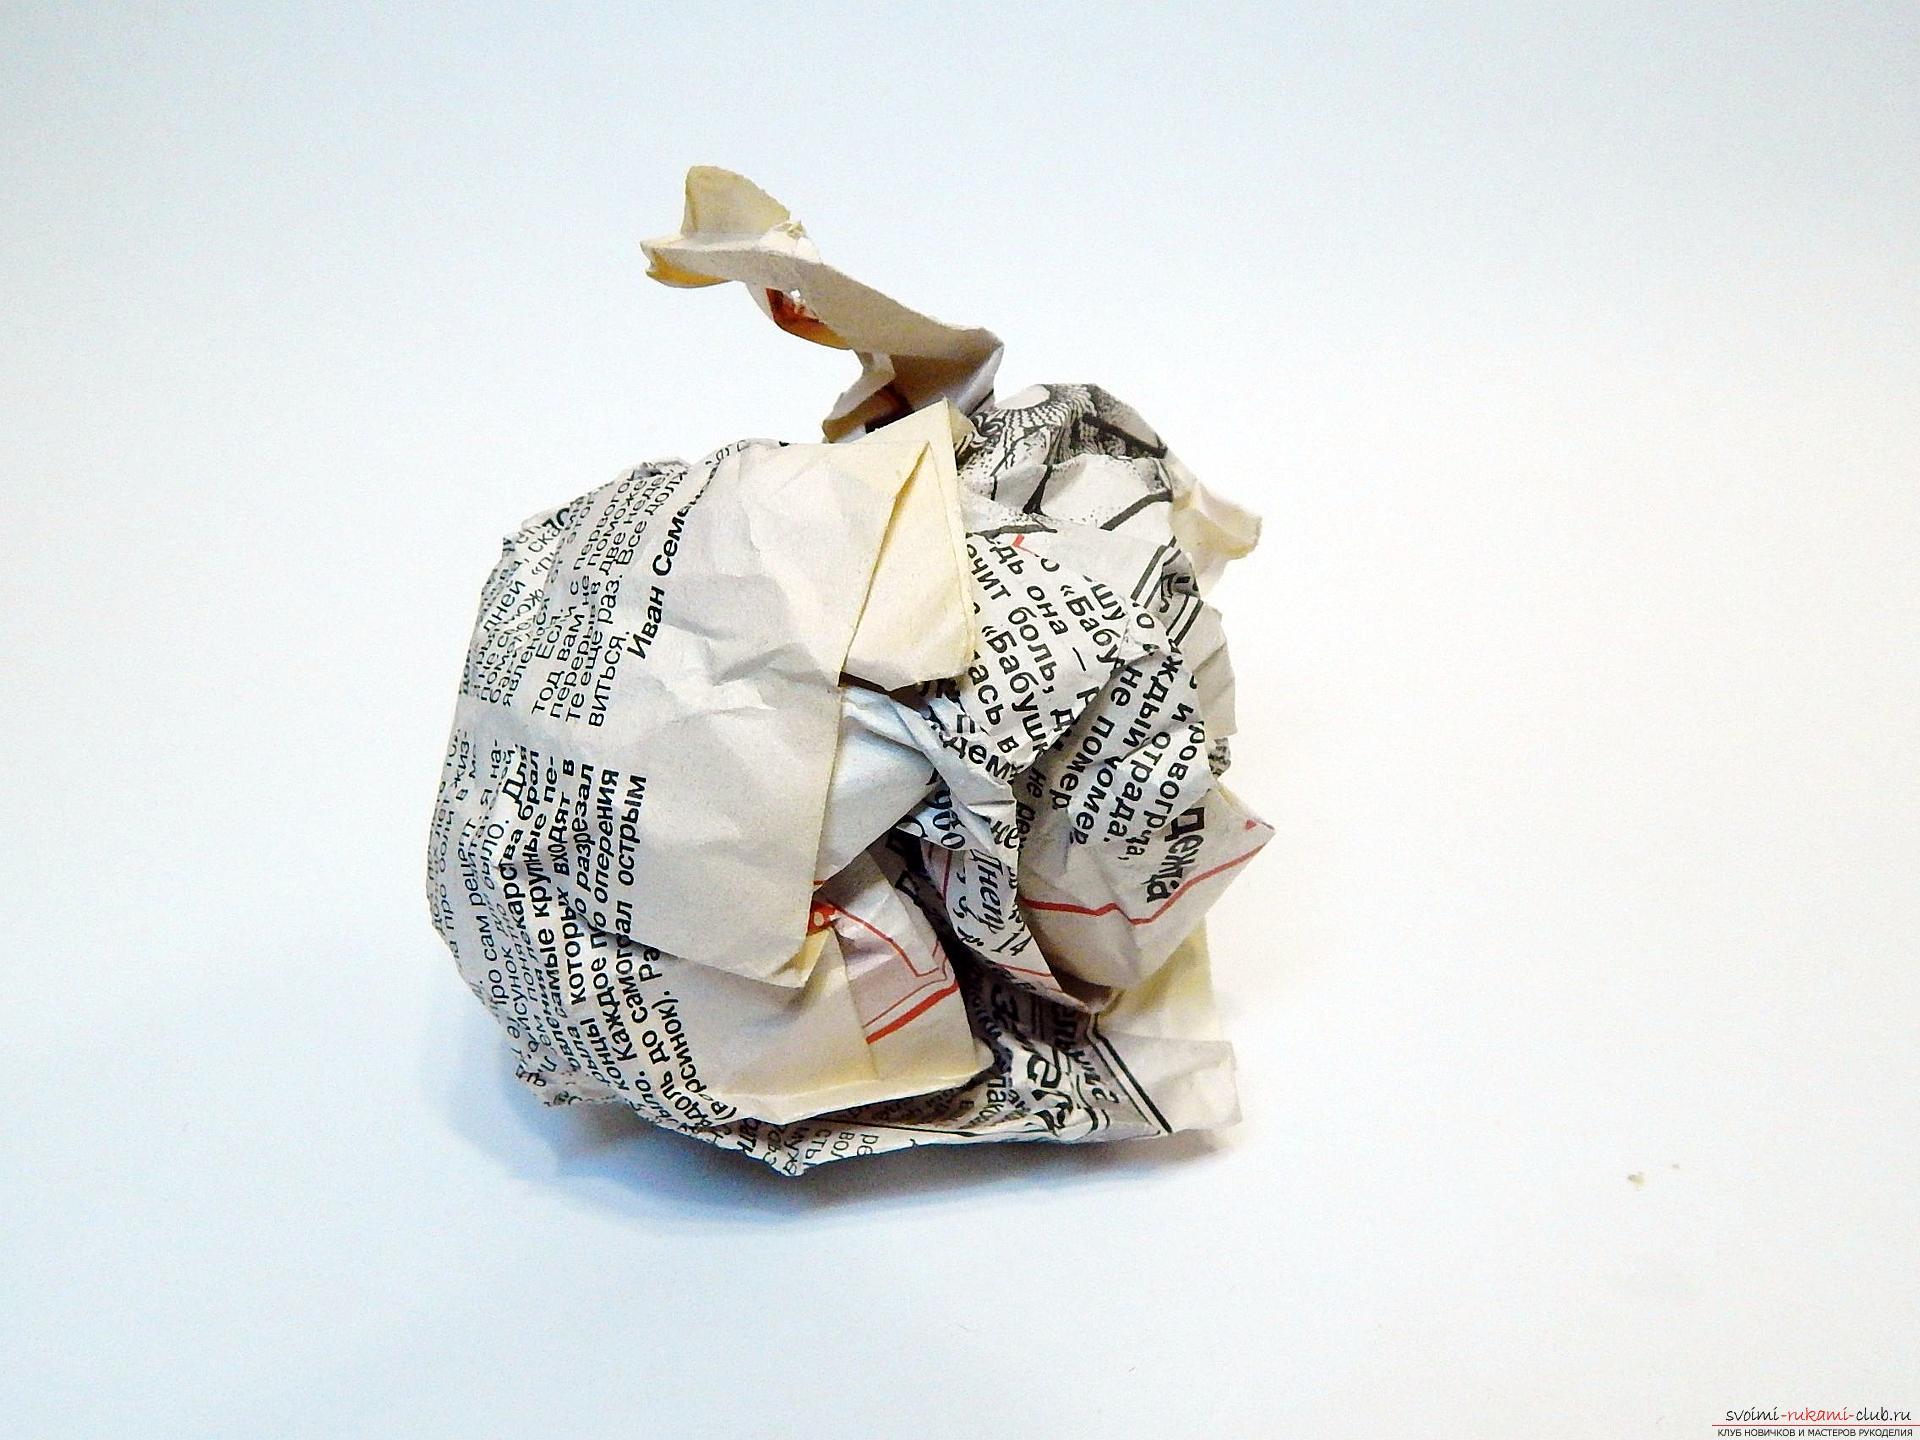 Поделка новогодняя своими руками из подручных материалов